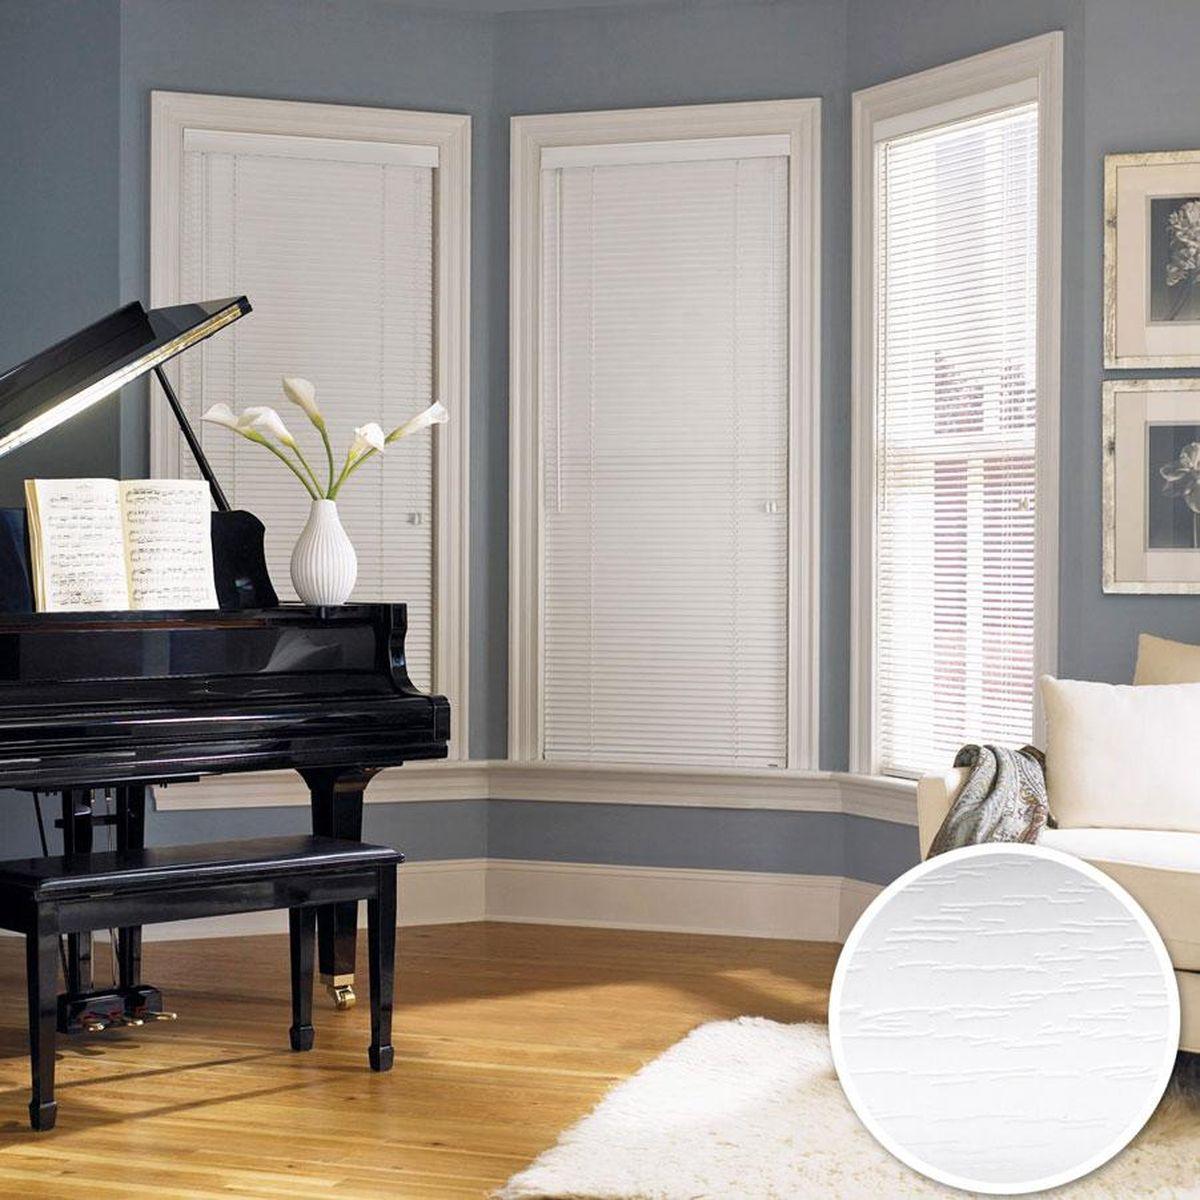 Жалюзи Эскар, цвет: белый, ширина 120 см, высота 160 см61008120160Для того чтобы придать интерьеру изюминку и завершенность, нет ничего лучше, чем использовать жалюзи на окнах квартиры, дома или офиса. С их помощью можно подчеркнуть индивидуальный вкус, а также стилевое оформление помещения. Помимо декоративных функций, жалюзи выполняют и практические задачи: они защищают от излишнего солнечного света, не дают помещению нагреваться, а также создают уют в темное время суток.Пластиковые жалюзи - самое универсальное и недорогое решение для любого помещения. Купить их может каждый, а широкий выбор размеров под самые популярные габариты сделает покупку простой и удобной. Пластиковые жалюзи имеют высокие эксплуатационные характеристики - они гигиеничны, что делает их незаменимыми при монтаже в детских и медицинских учреждениях.